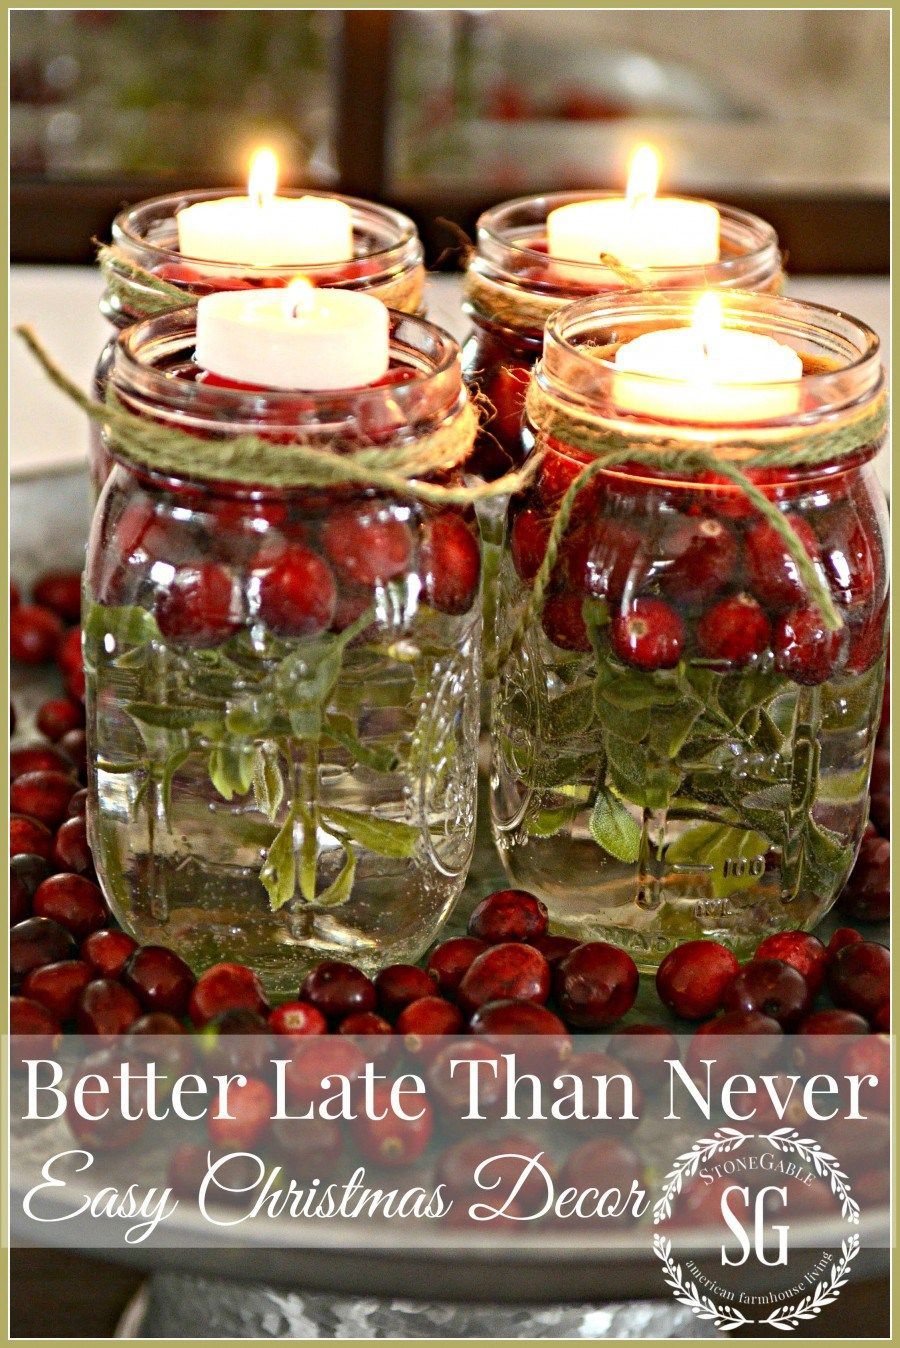 Better late than never christmas decor christmas decor jar and teas